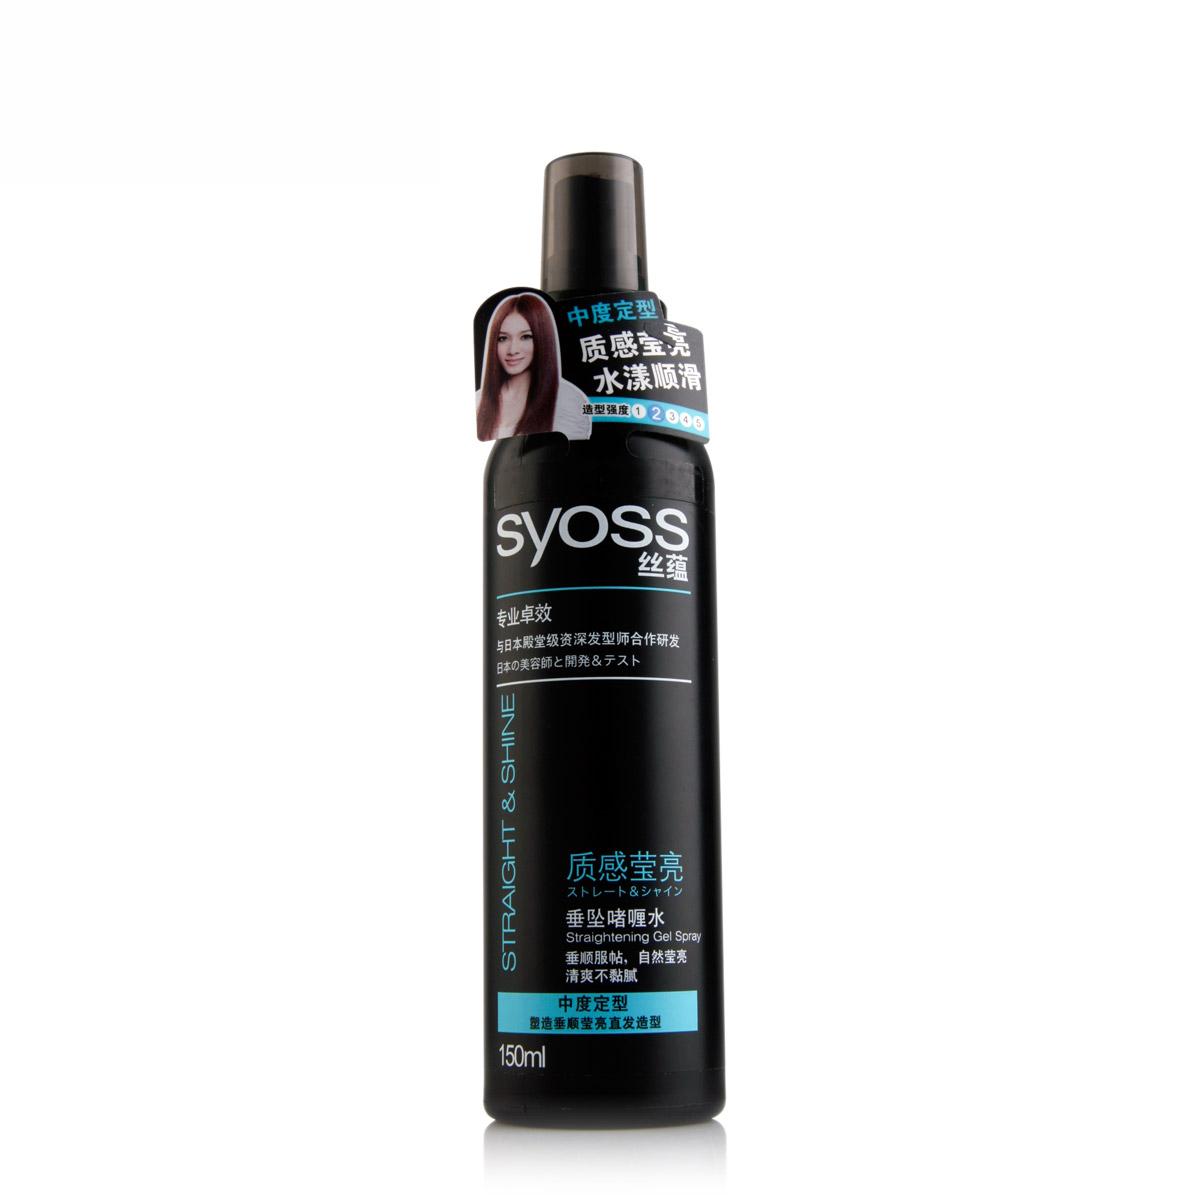 Текстурирующий спрей для волос syoss